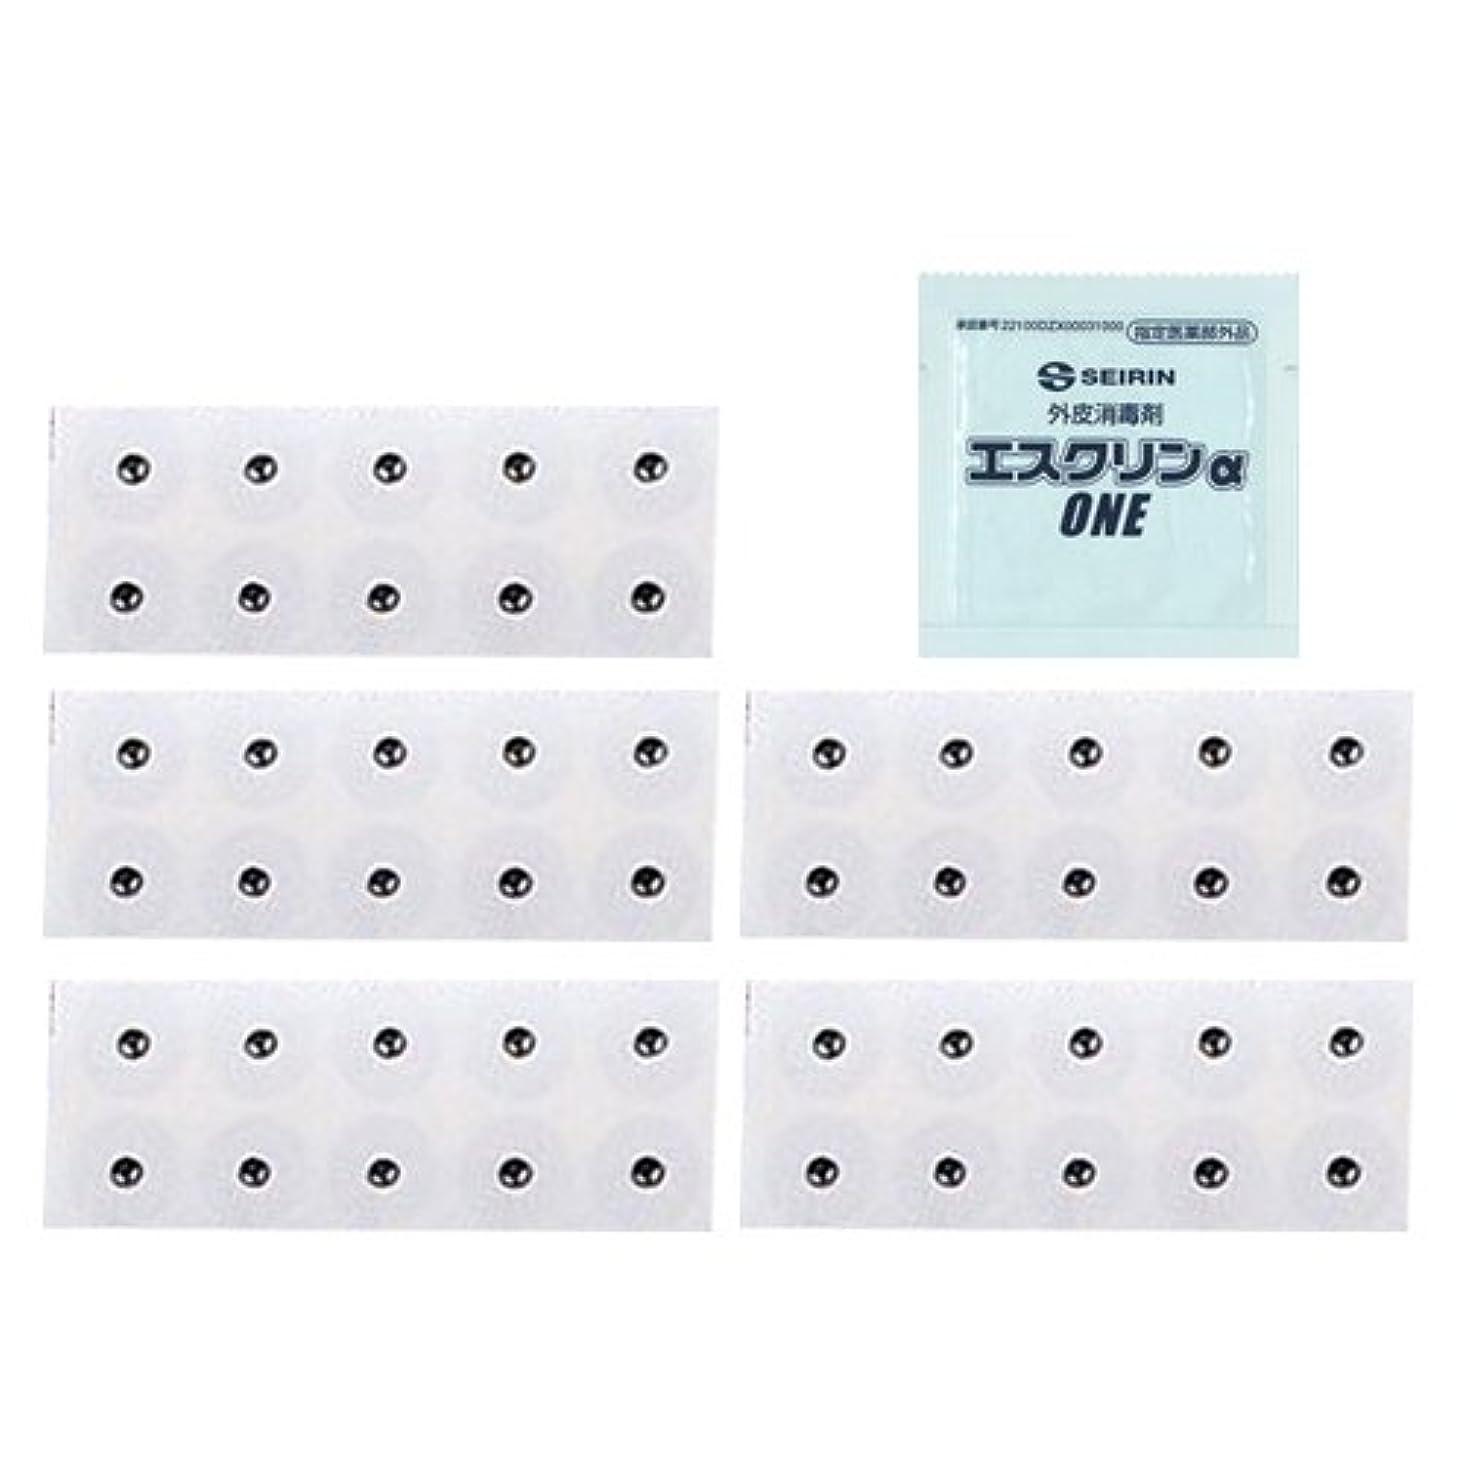 ダンス識字別々にユニコバン S 10本入 (995012) (太さ0.22×長さ1.1×磁石5.5mm) × 5シート + エスクリンαONE(1包)セット